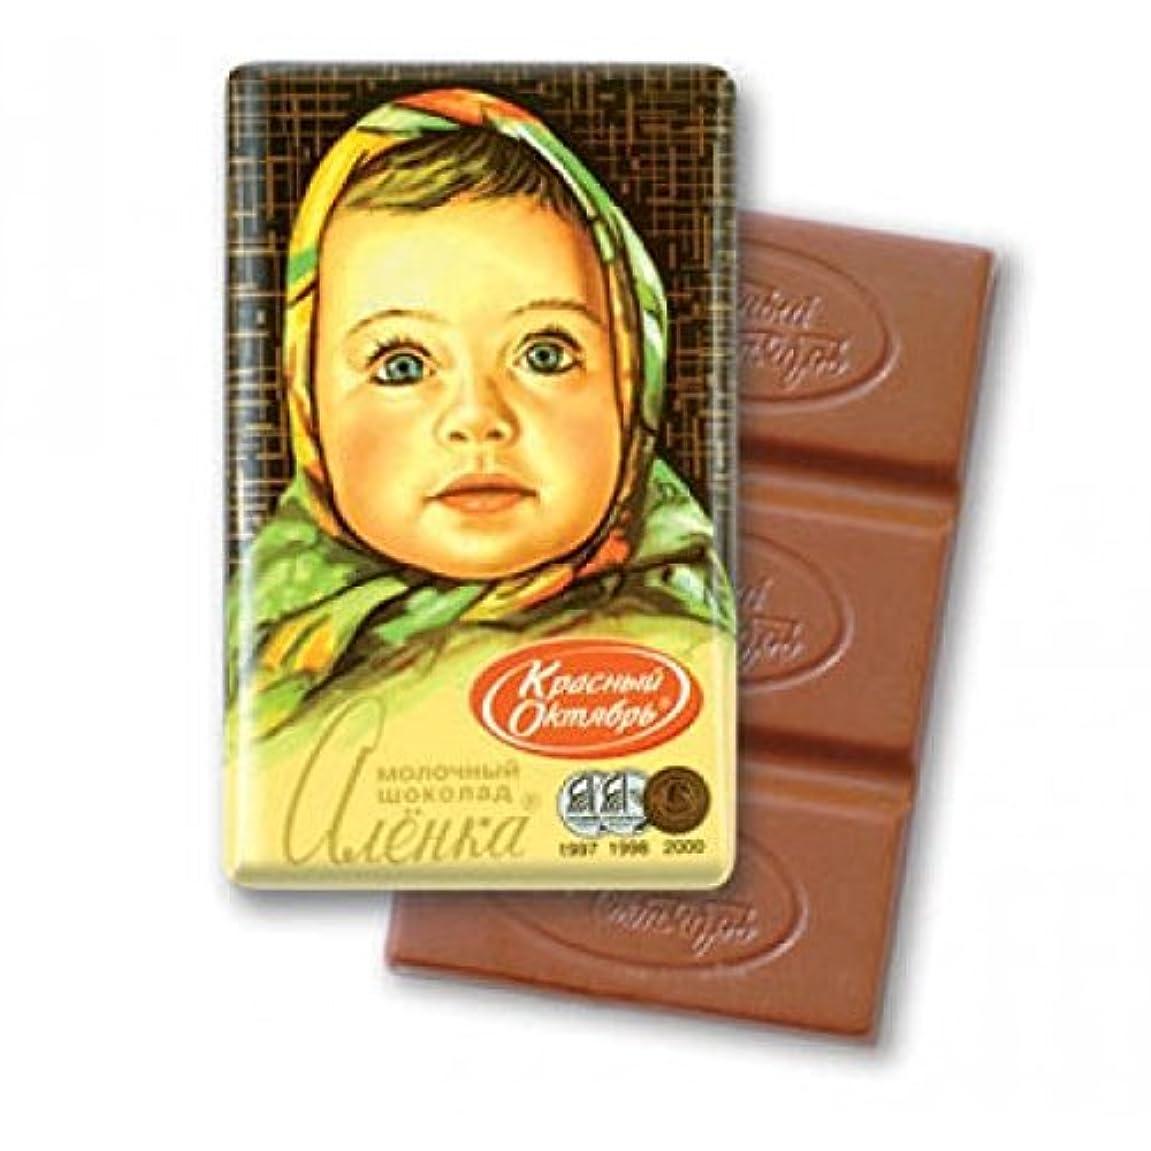 フォーク母音協力ロシア チョコレート (ミニ?アリョンカ(板チョコ) 10個入)